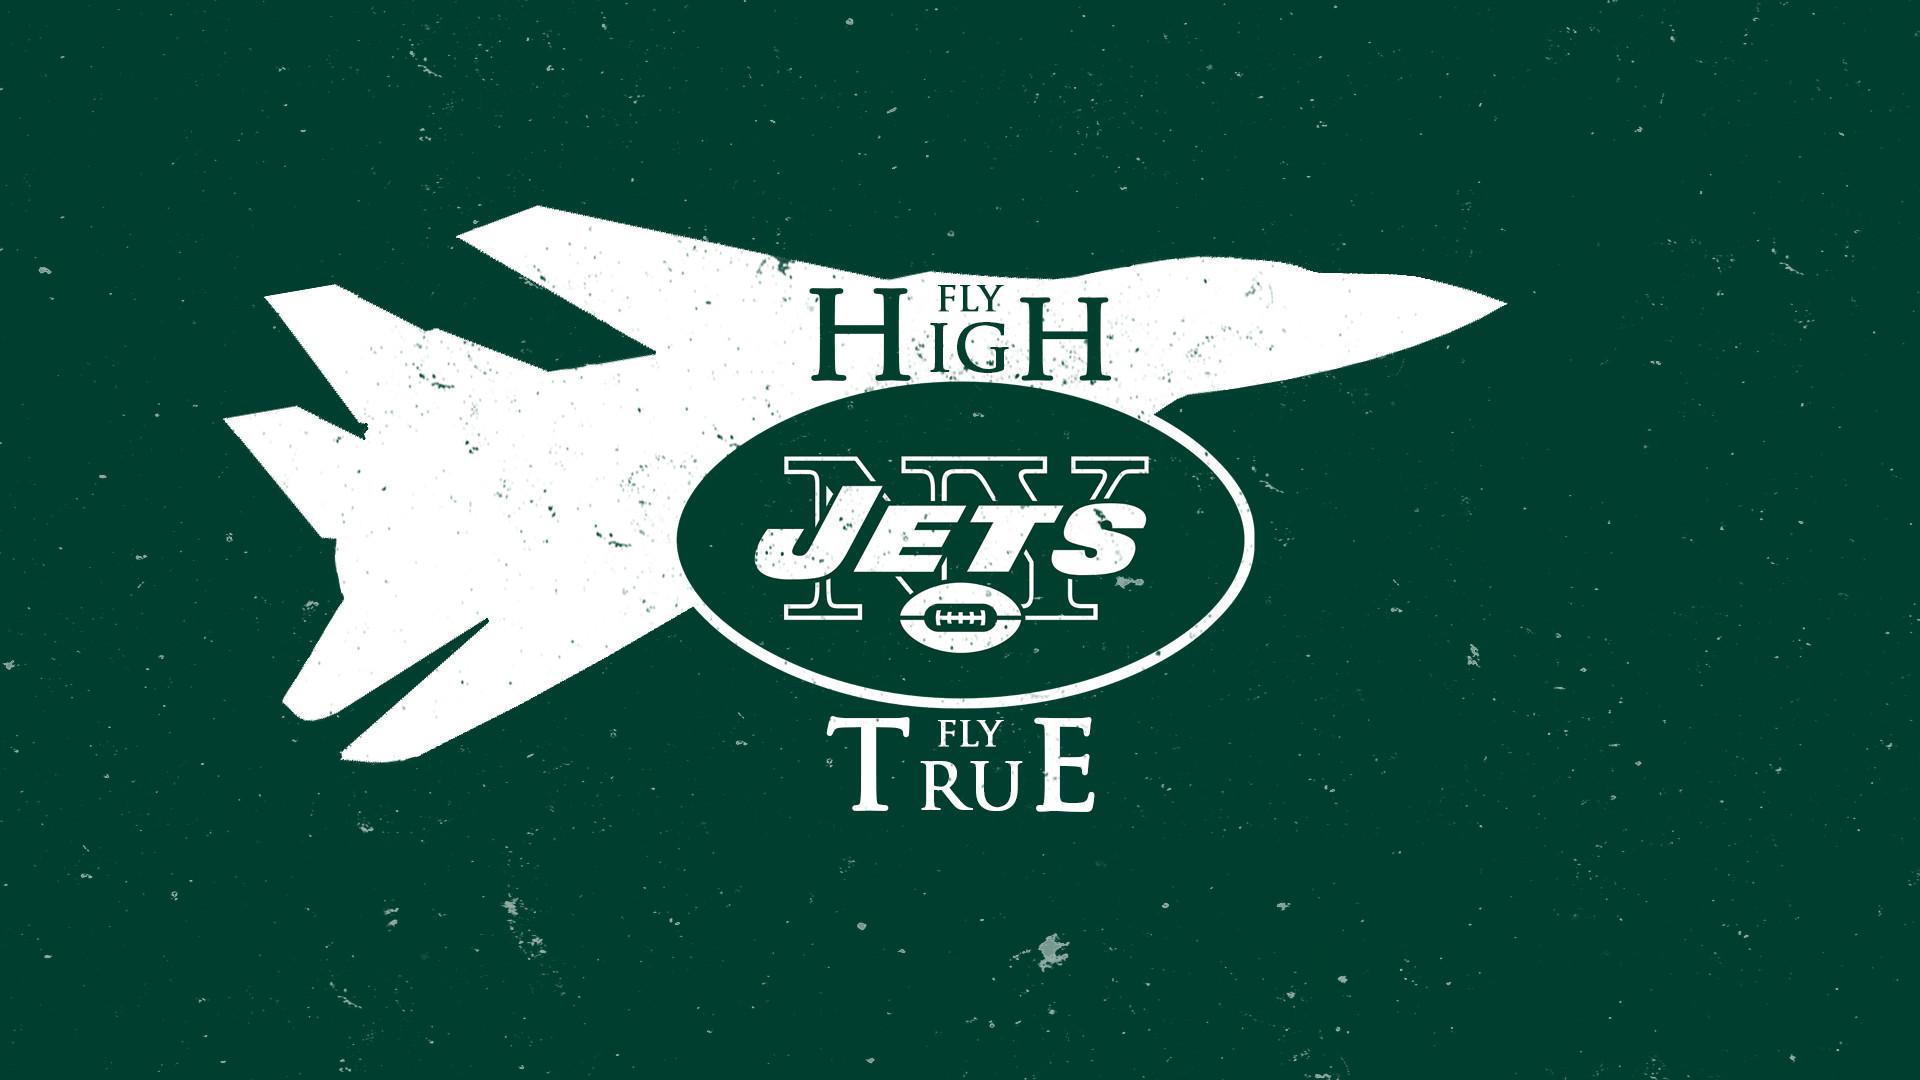 NY Jets Wallpapers 1